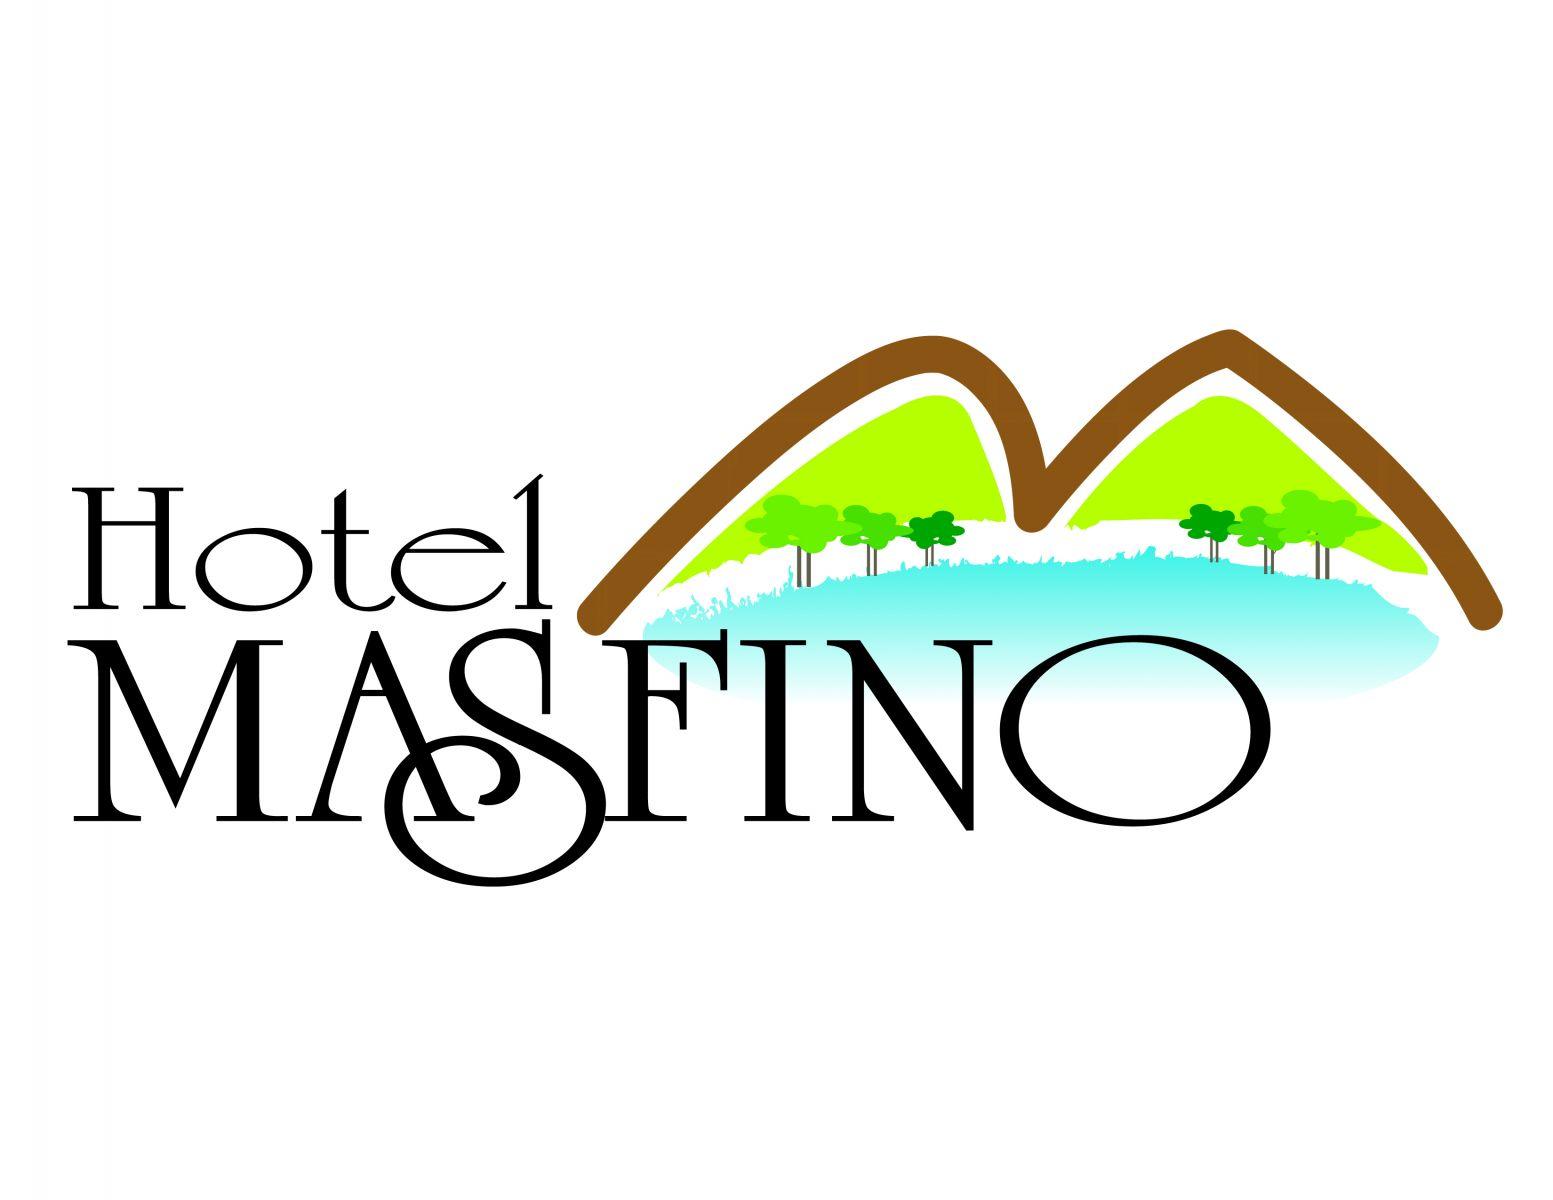 Hotel Masfino